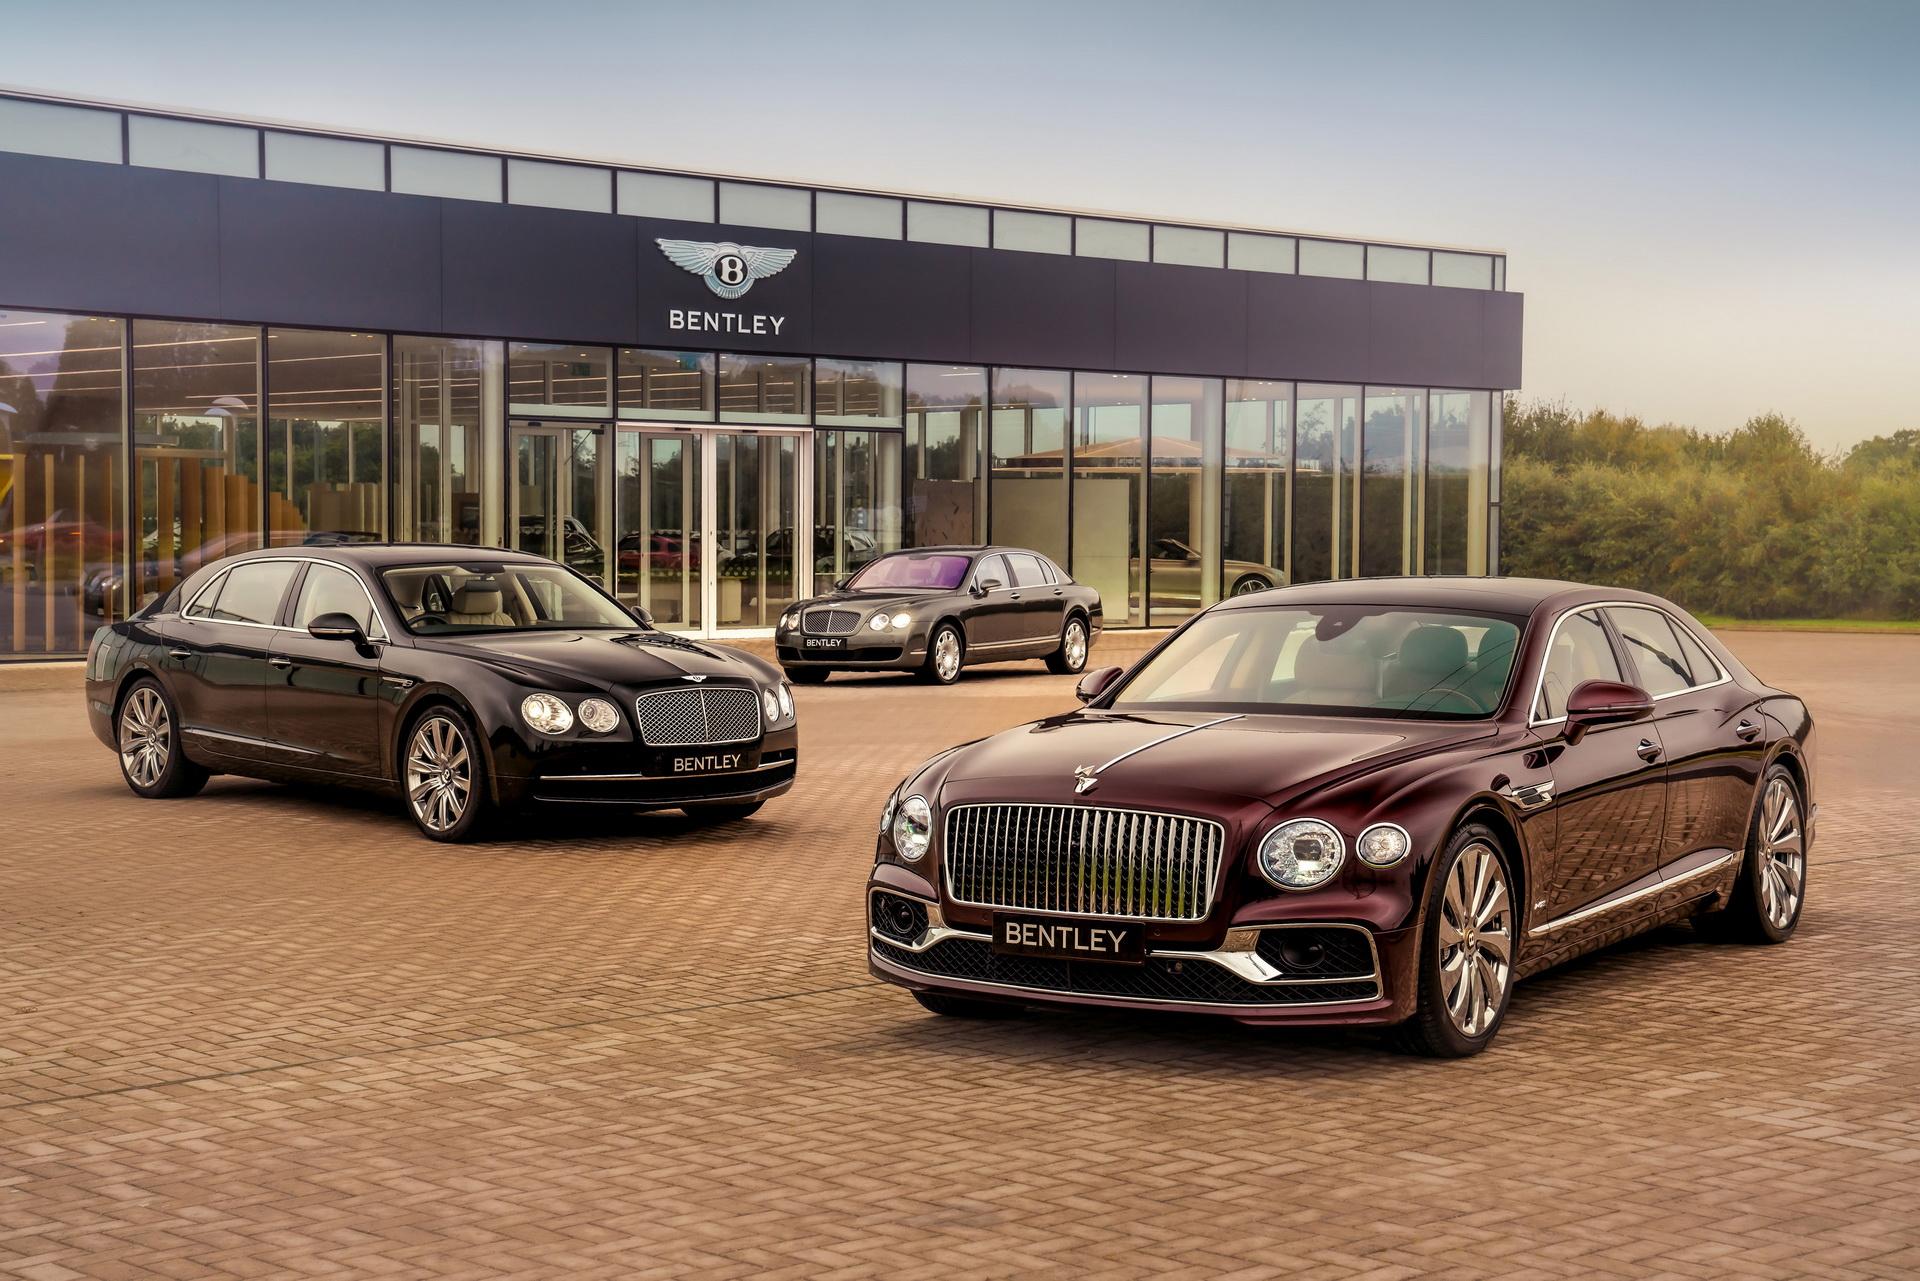 Bentley ostaje ekskluzivan: Neće u nedogled povećavati proizvodnju